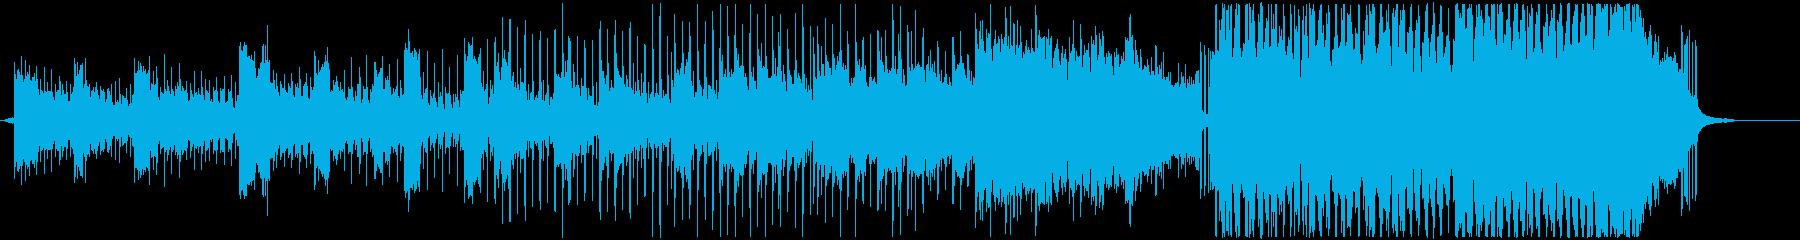 近未来を装うノイジーな4つ打ちソングの再生済みの波形